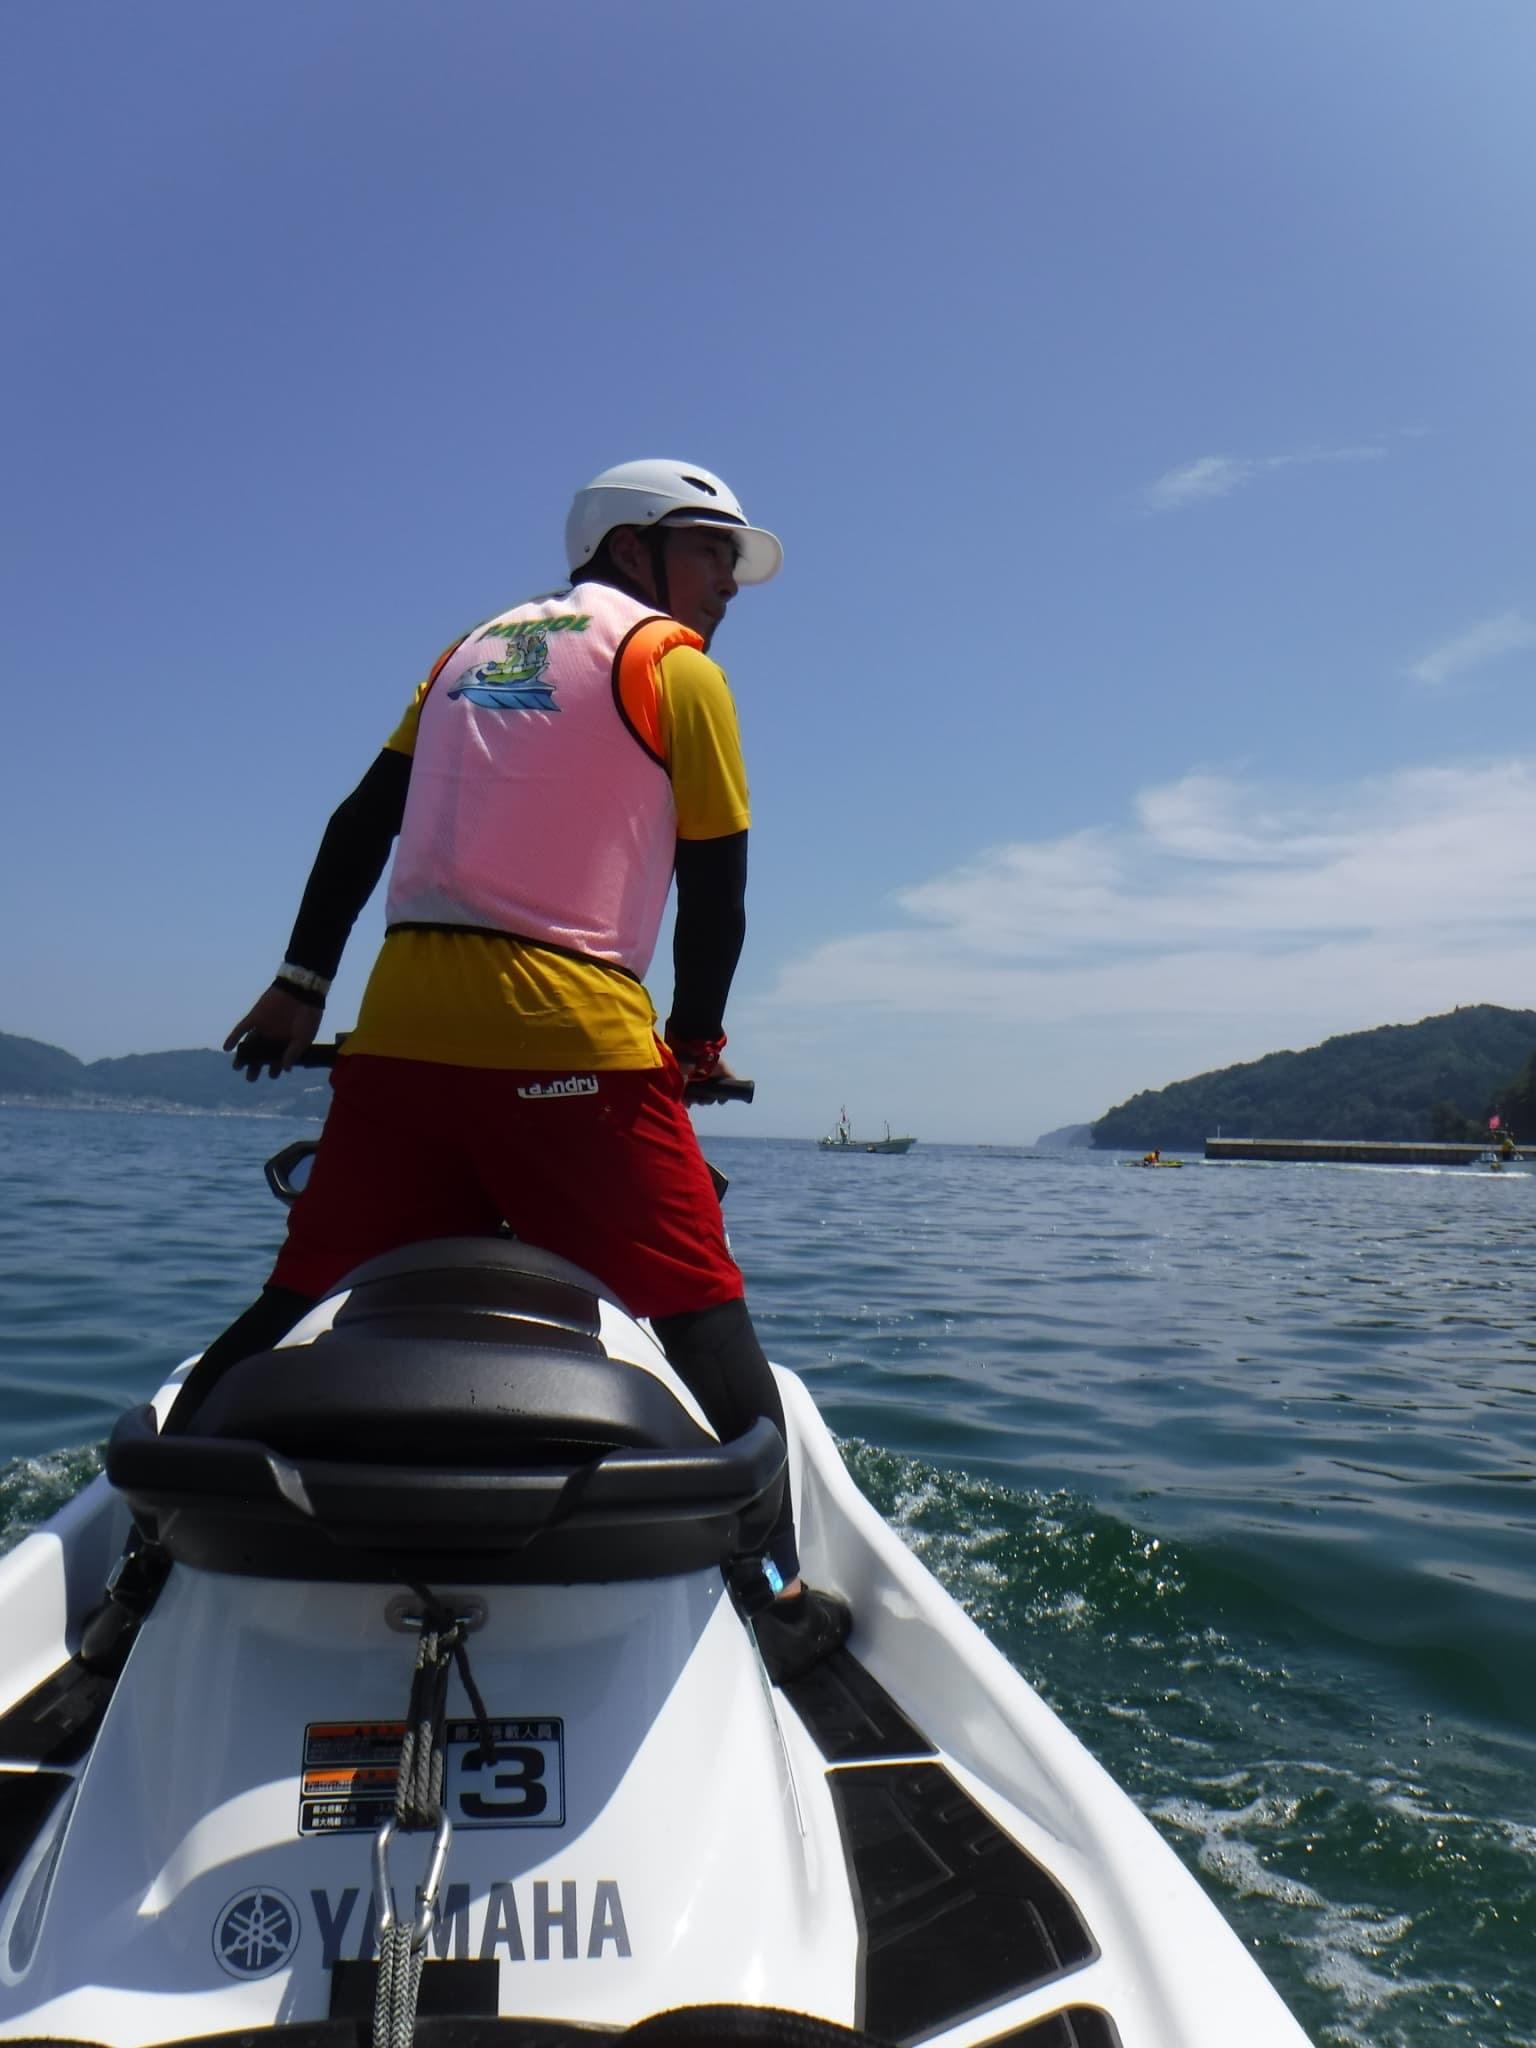 水上バイク 体験乗船